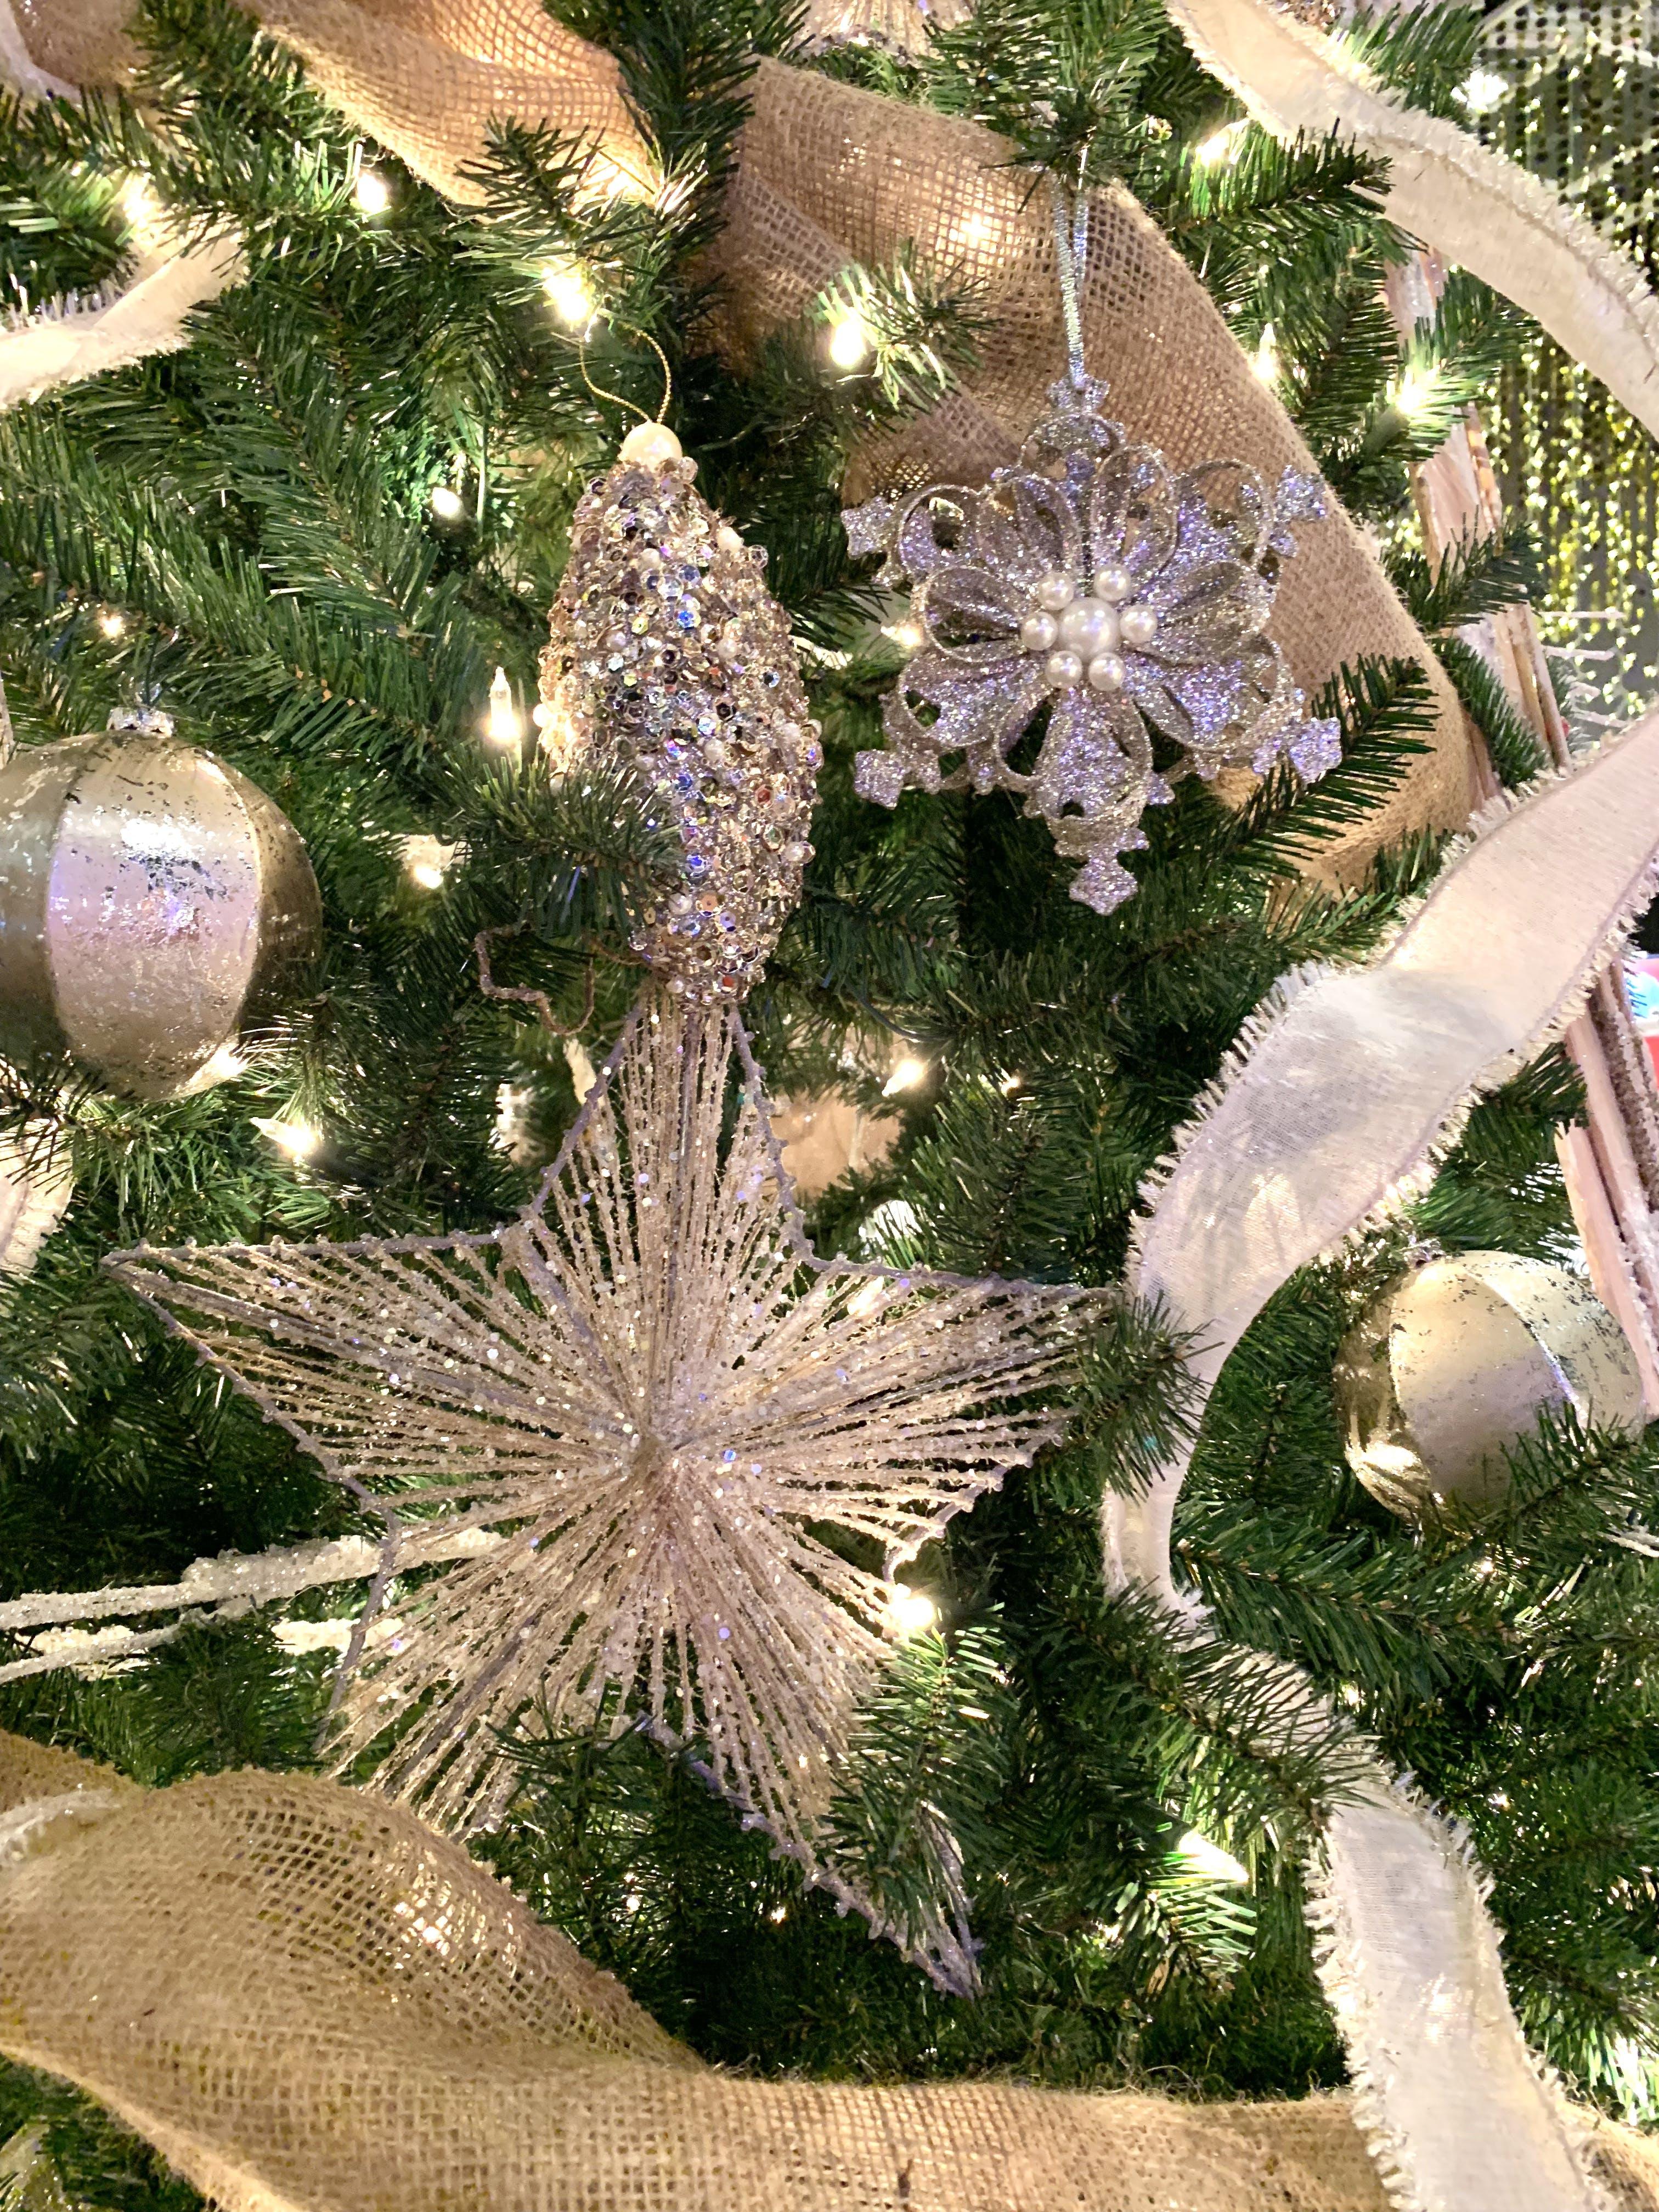 Free stock photo of christmas, christmas decor, Christmas ornaments, christmas tree